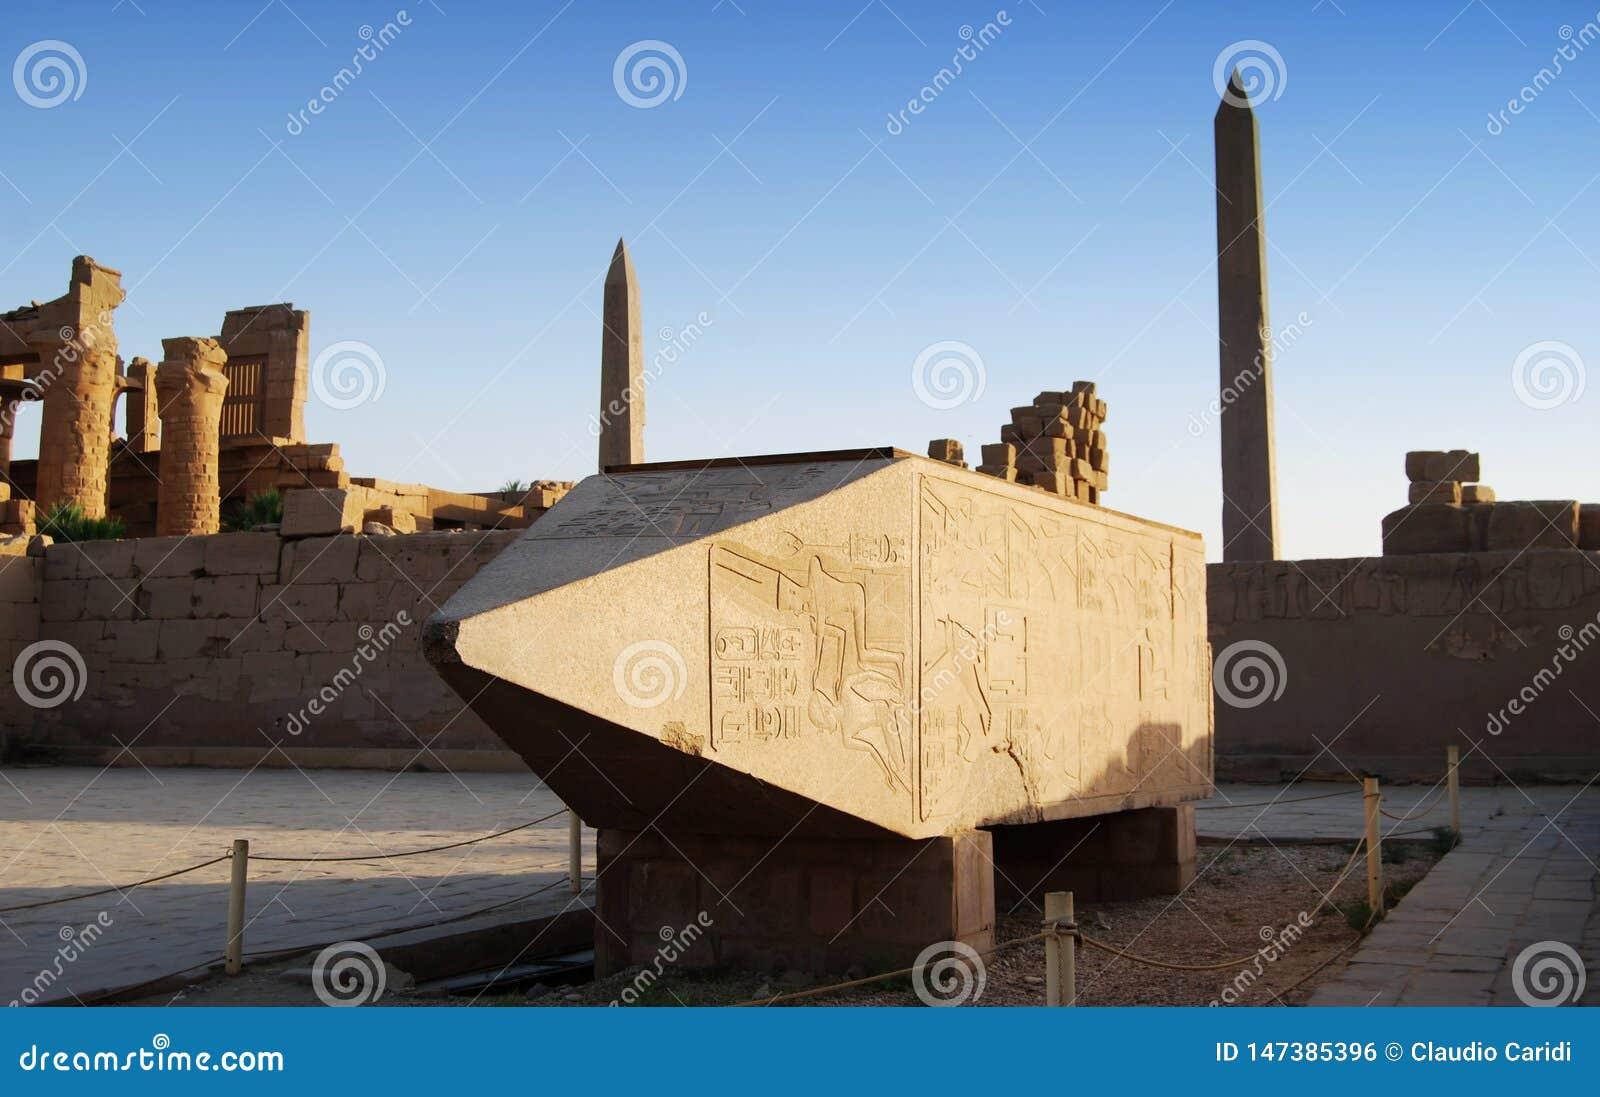 Templo de Karnak, obelisco grande na exposição, Luxor, Egito